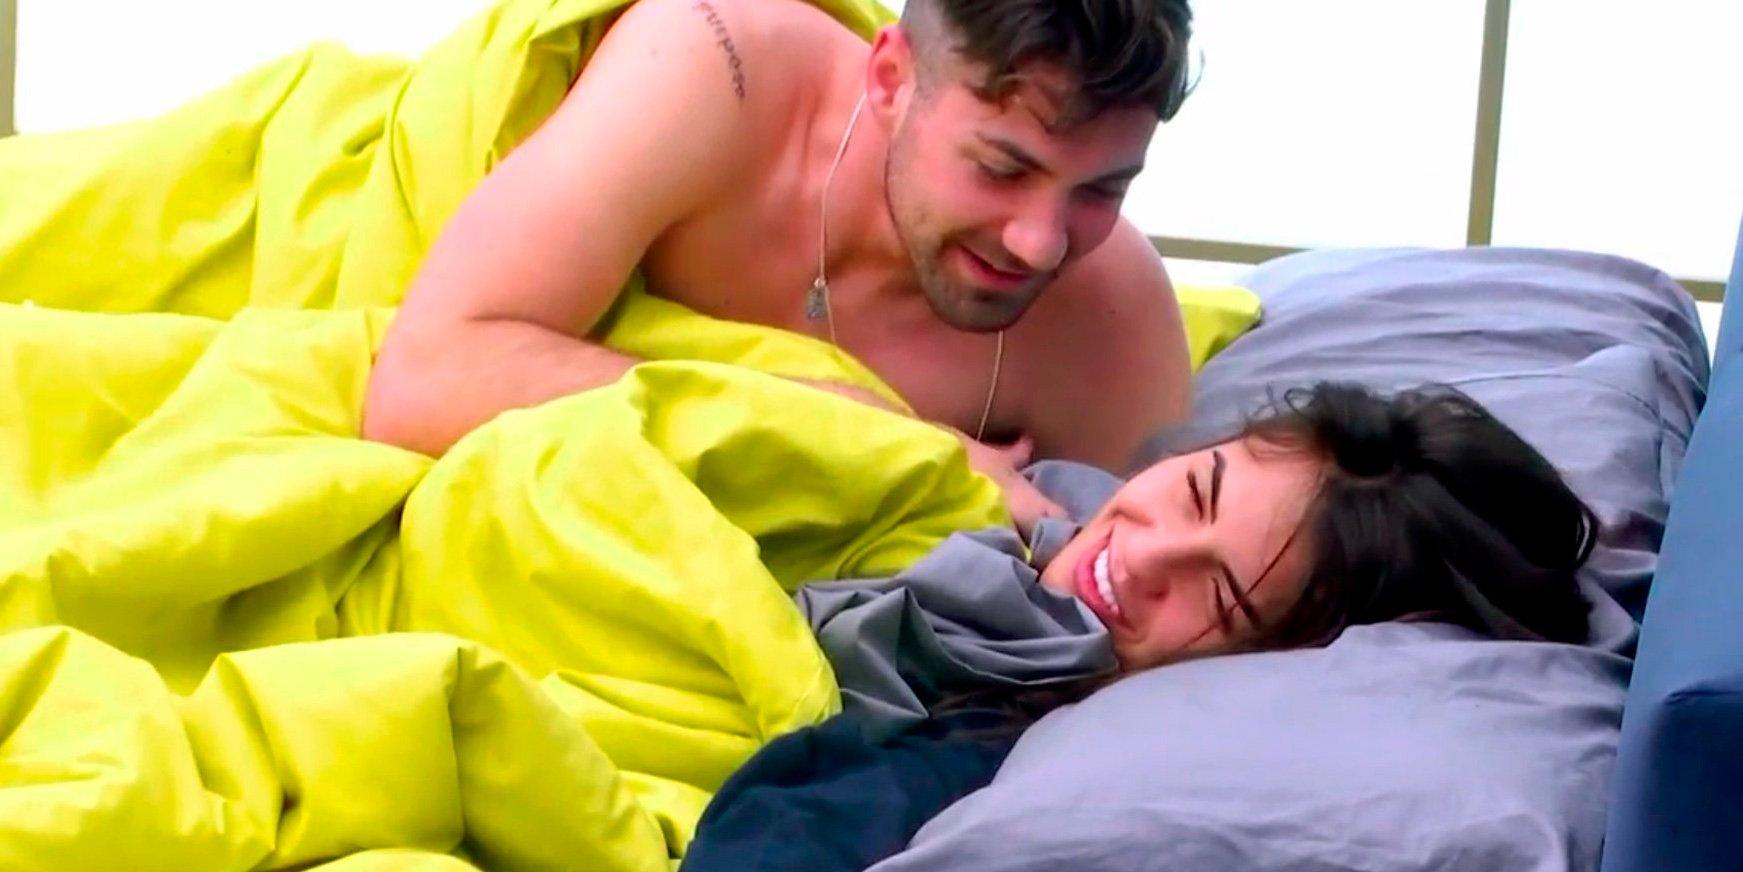 El 'edredoning' de Sofia y Alejandro humedece las sabanas de la casa de 'GH DUO'